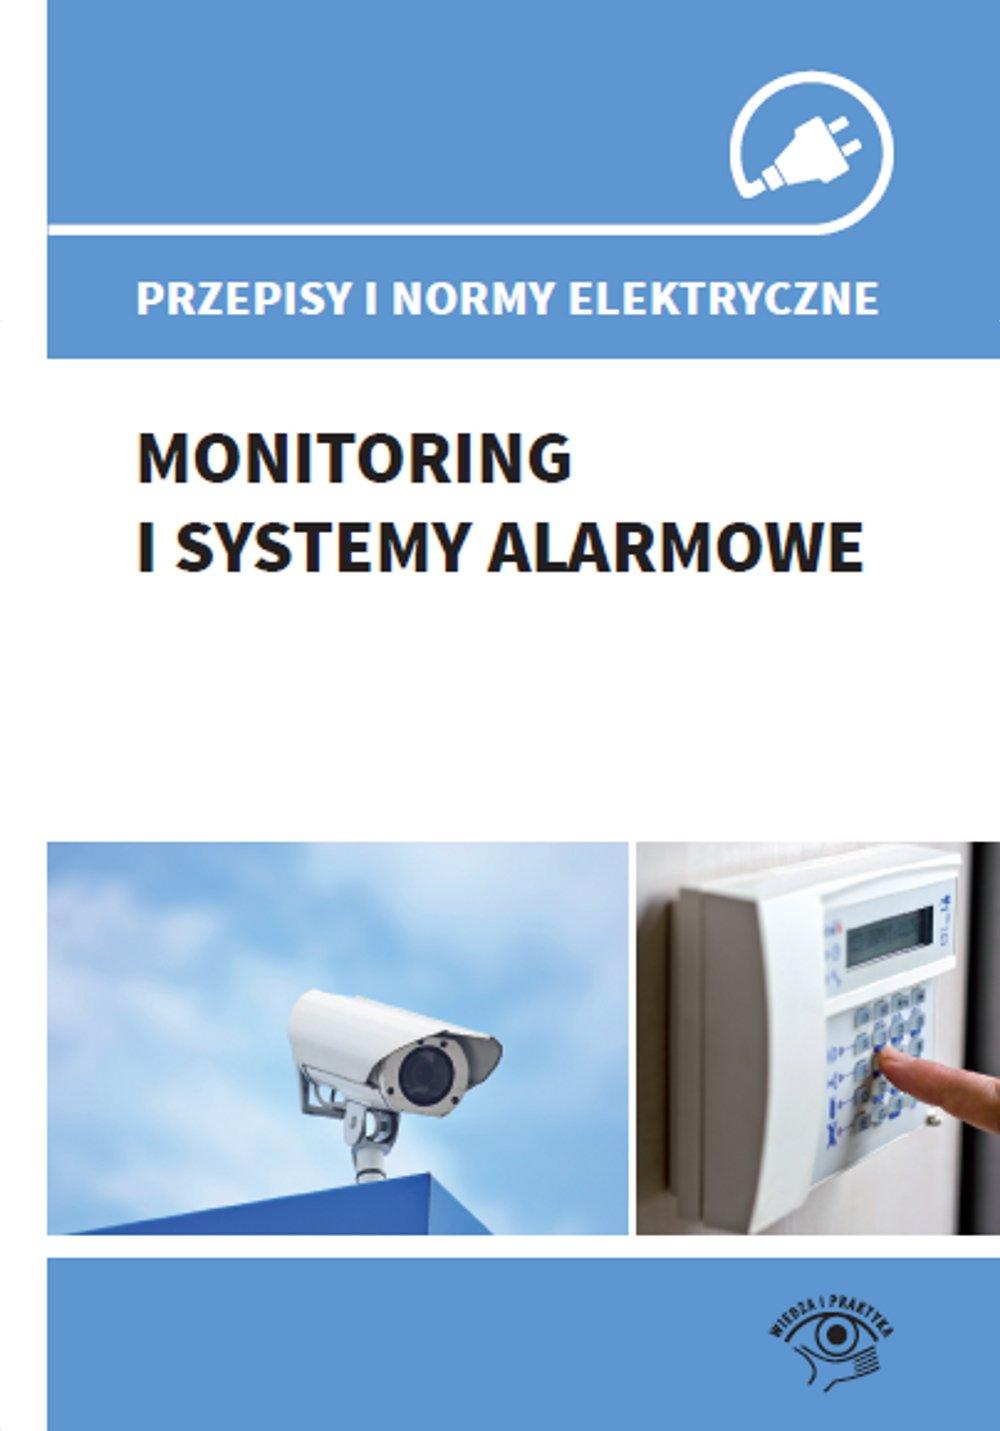 Przepisy i normy elektryczne - monitoring i systemy alarmowe - Ebook (Książka EPUB) do pobrania w formacie EPUB